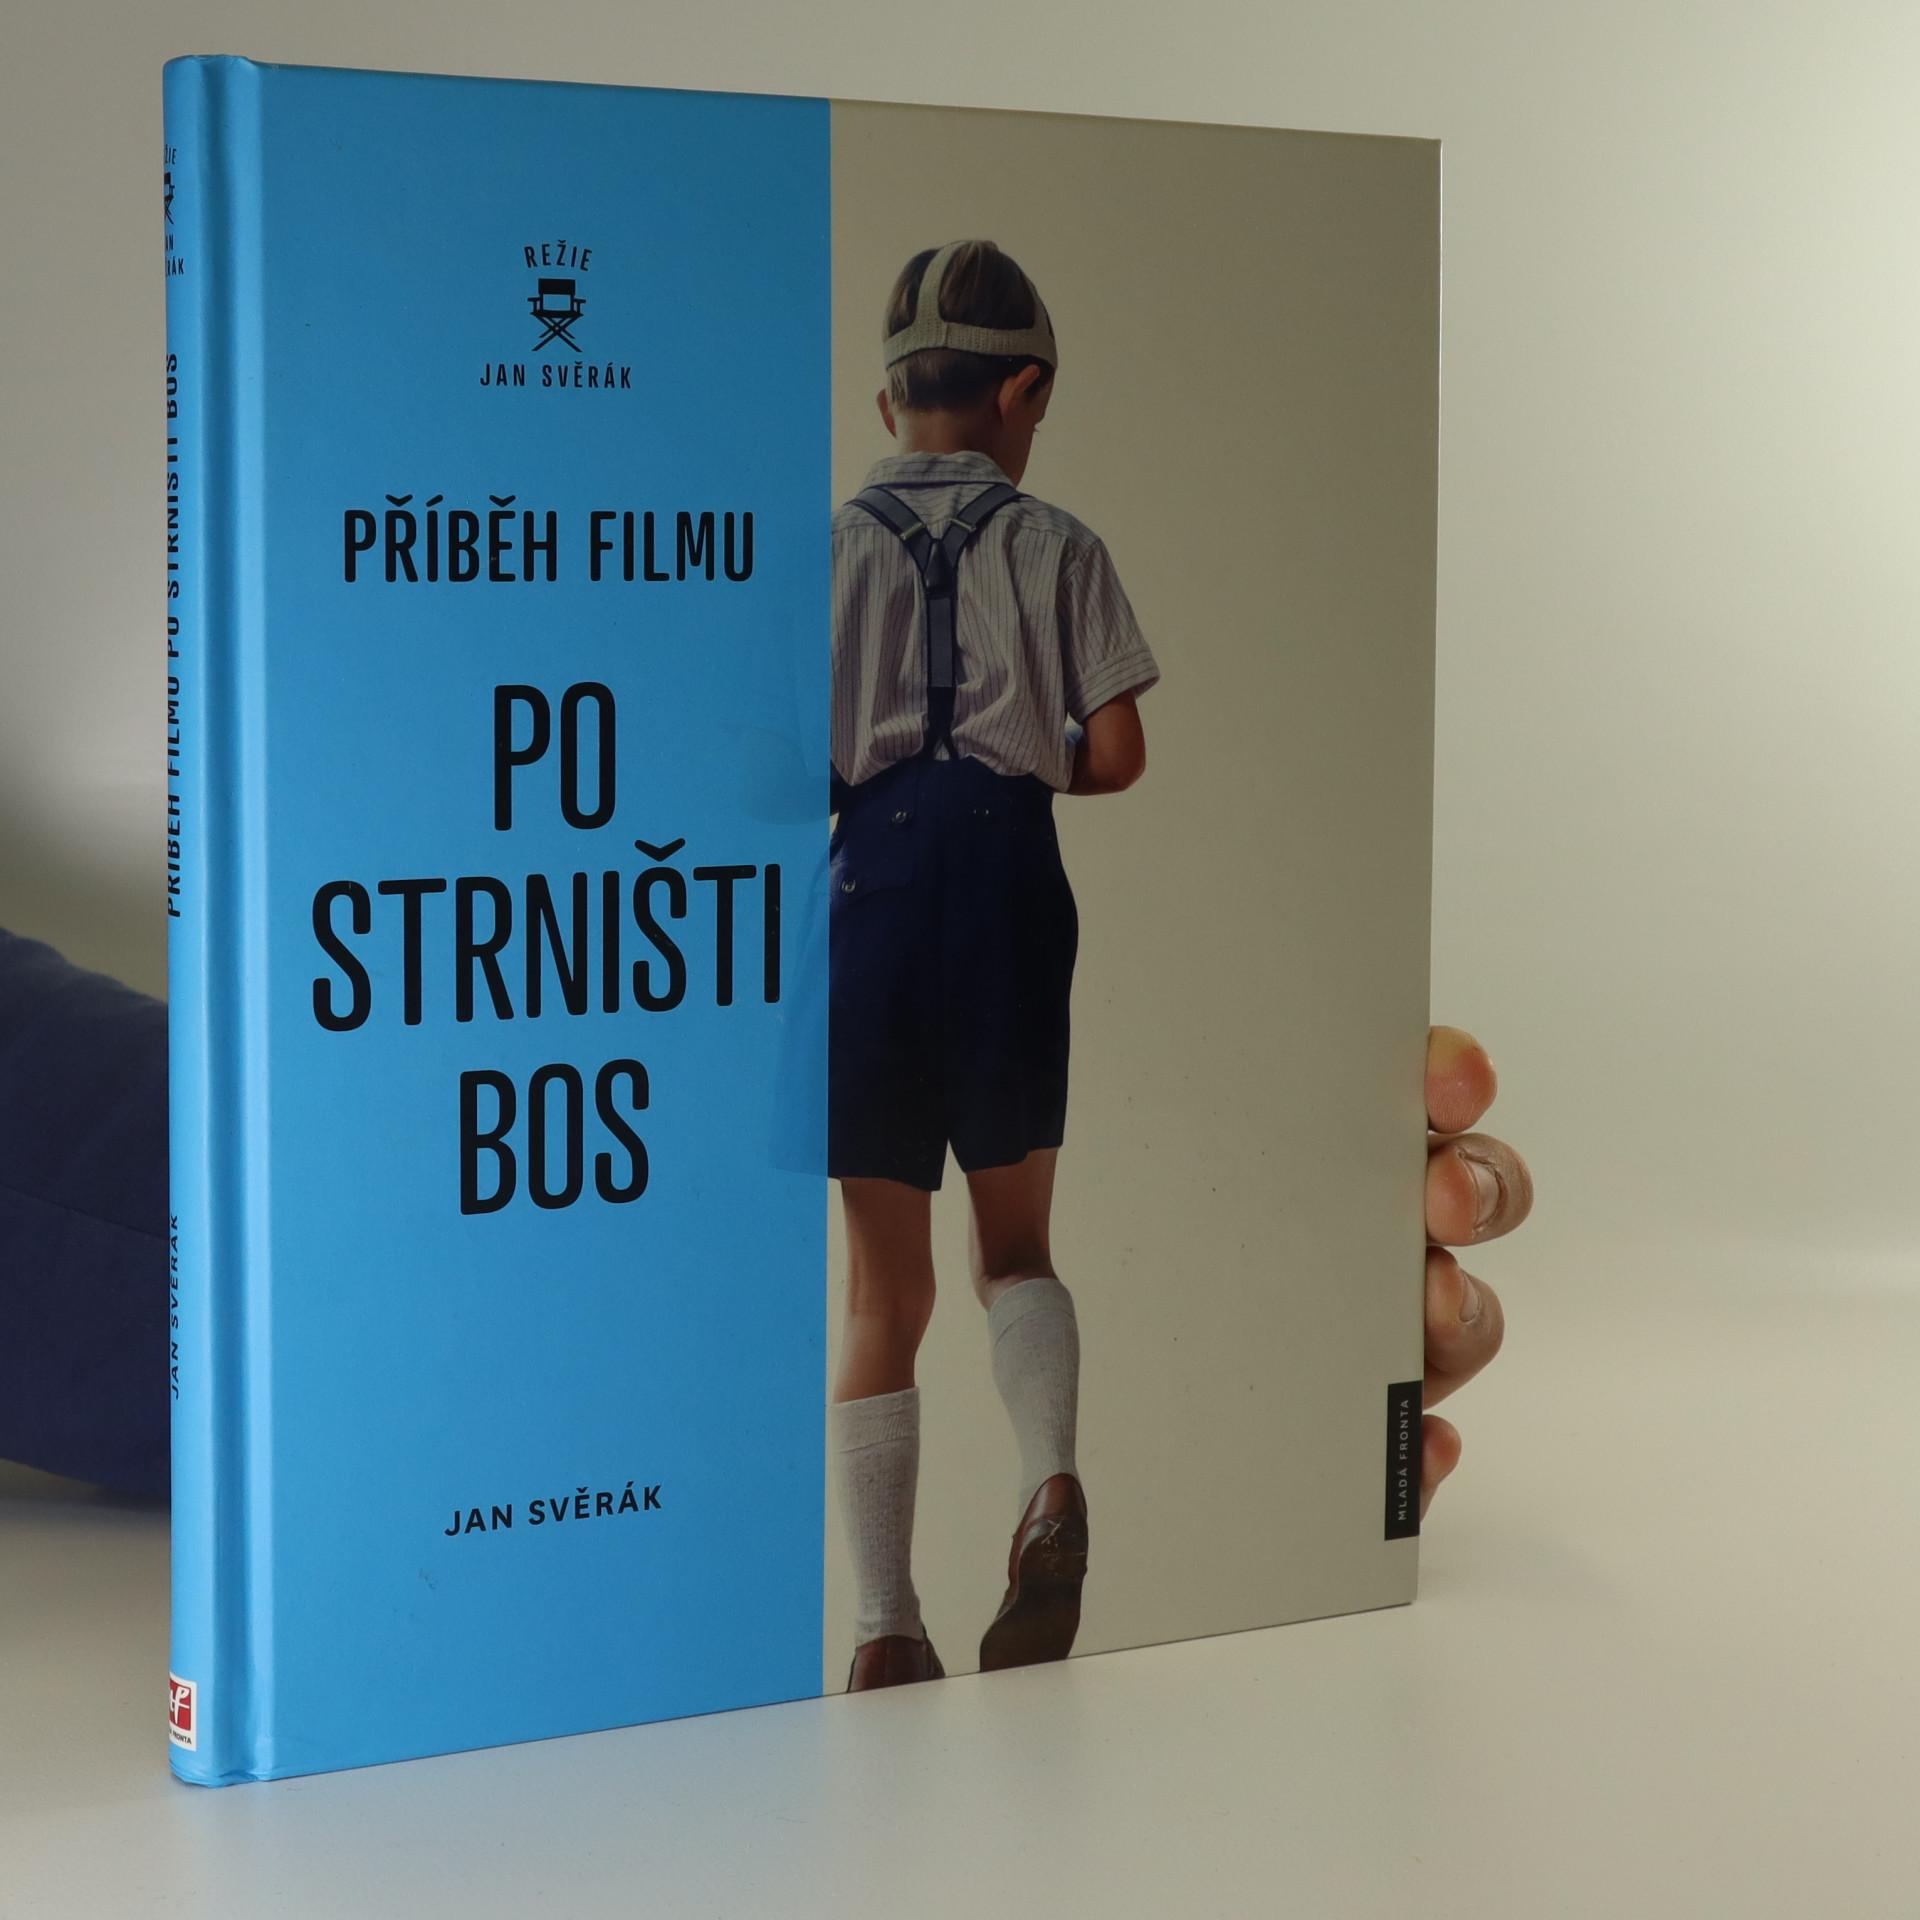 antikvární kniha Příběh filmu Po strništi bos, 2017